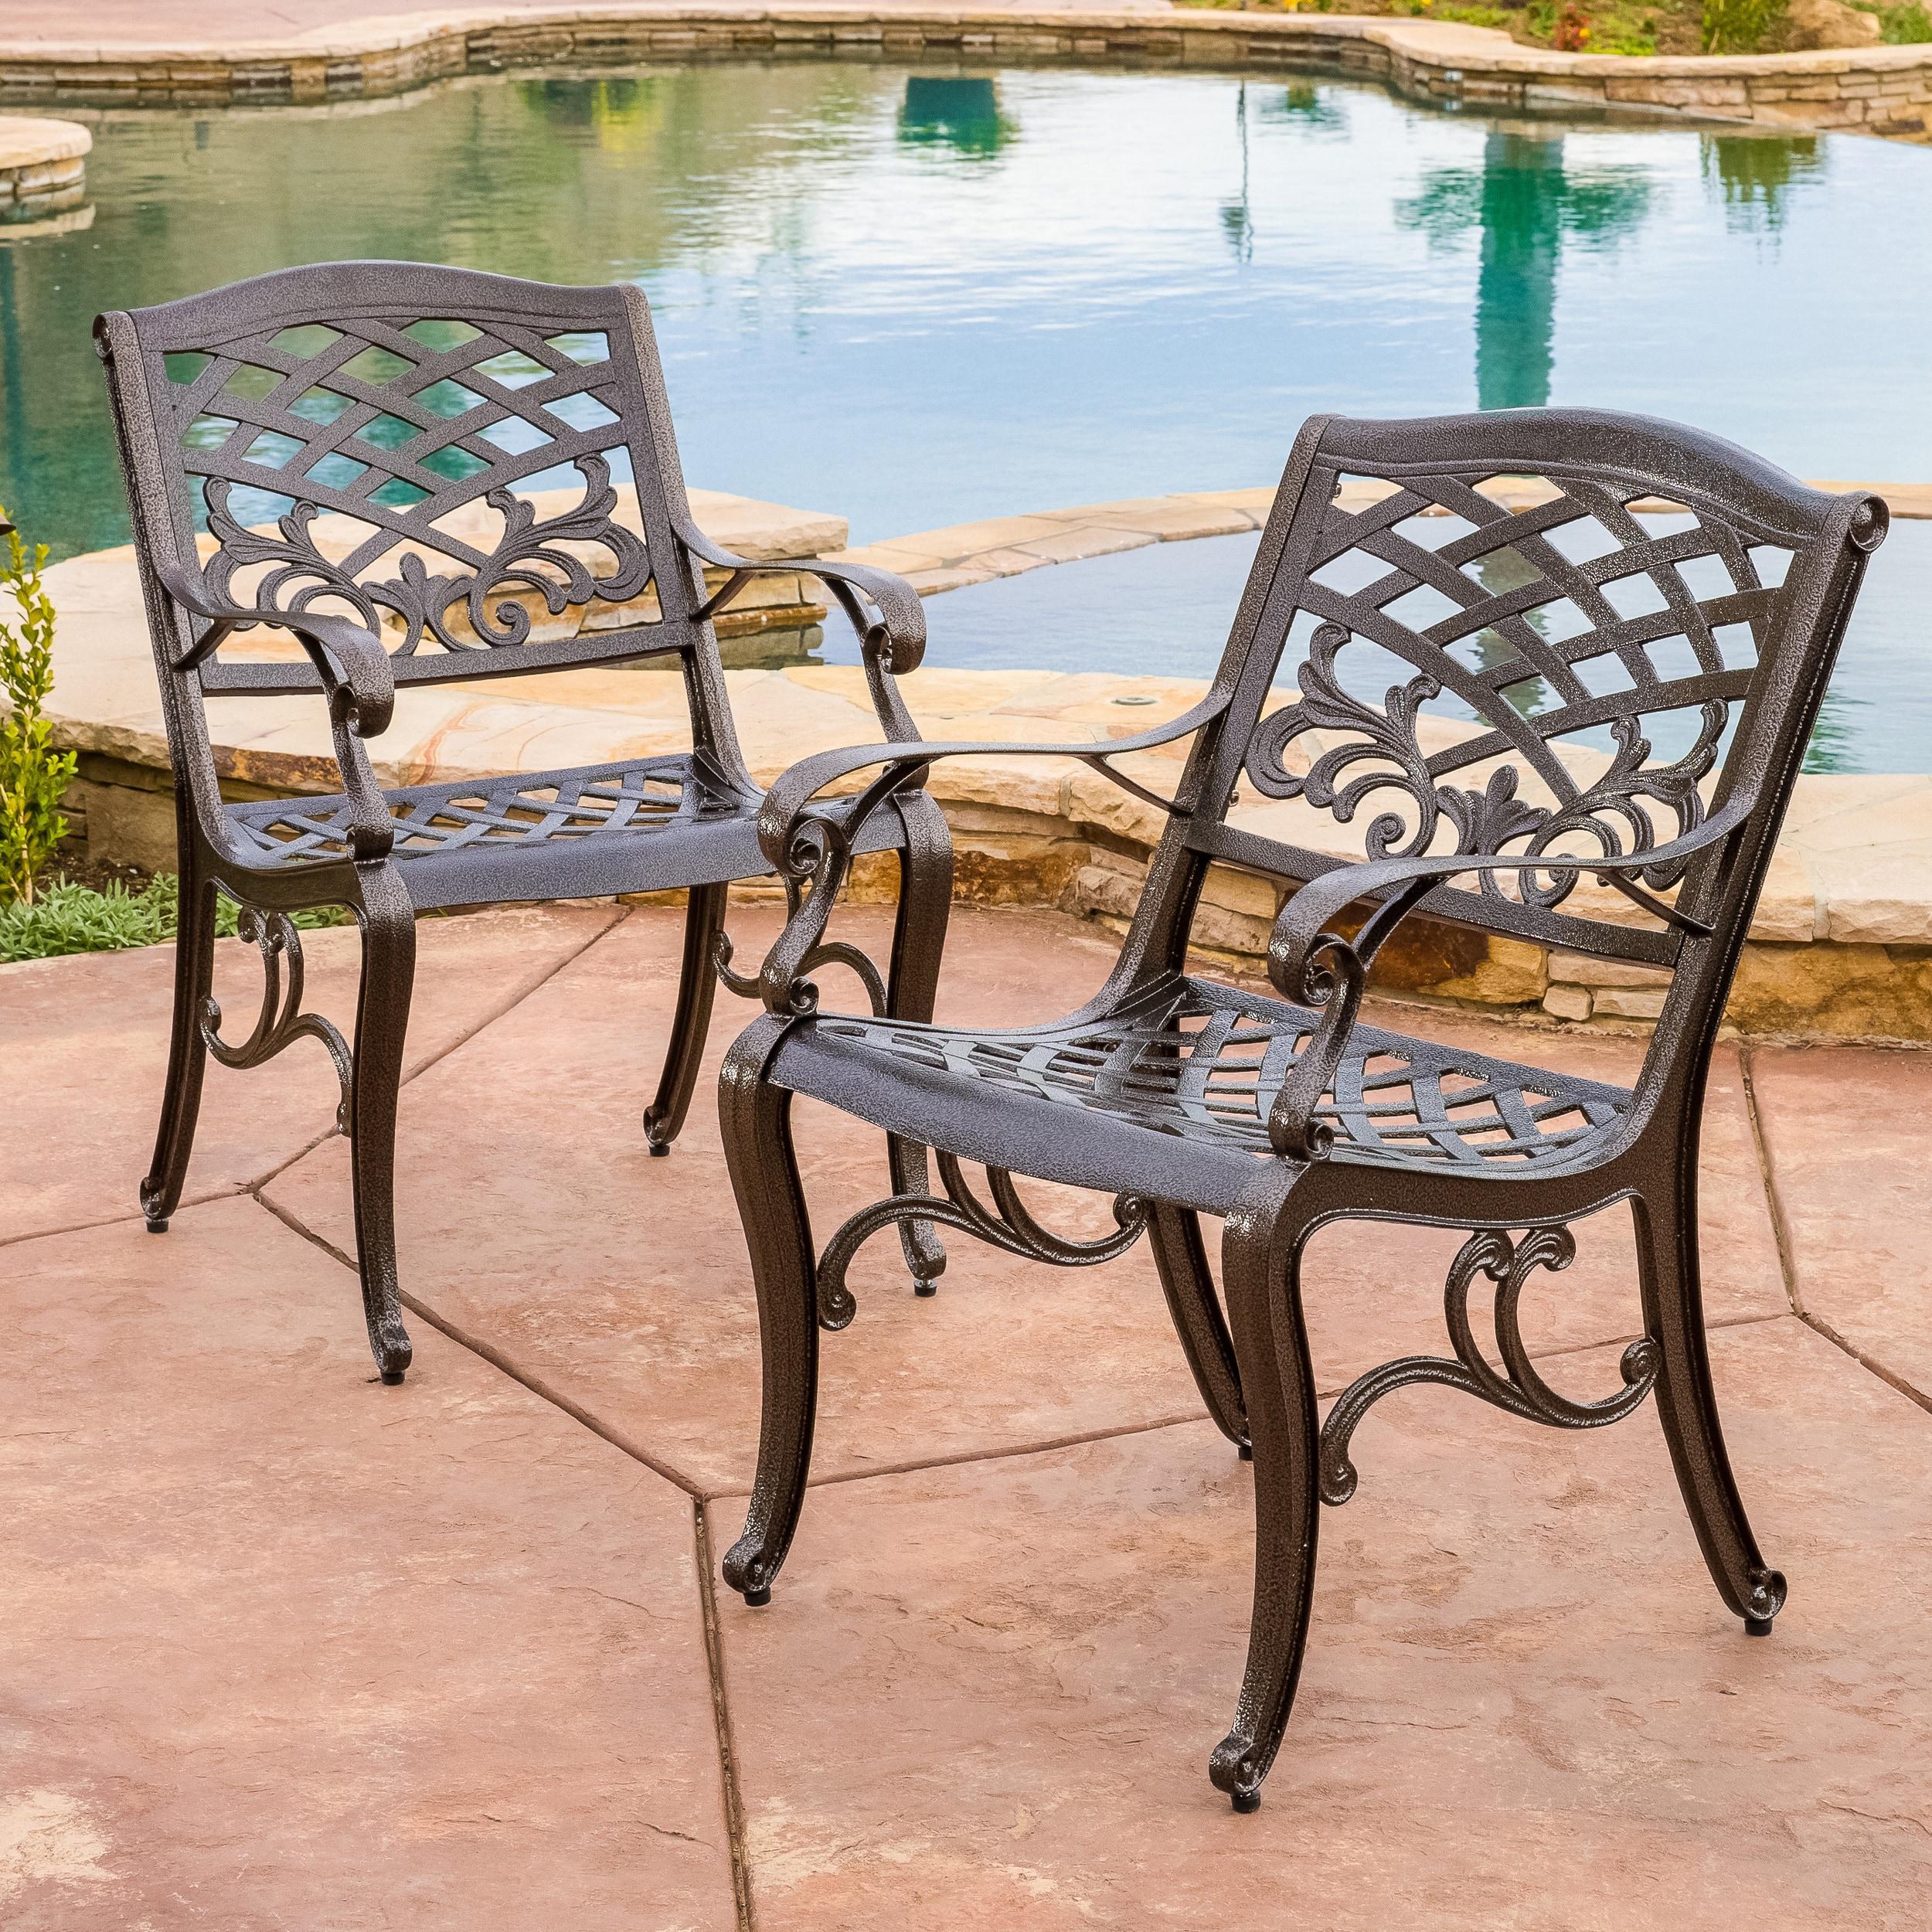 Hallandale Sarasota Cast Aluminum Bronze 5 piece Outdoor Dining